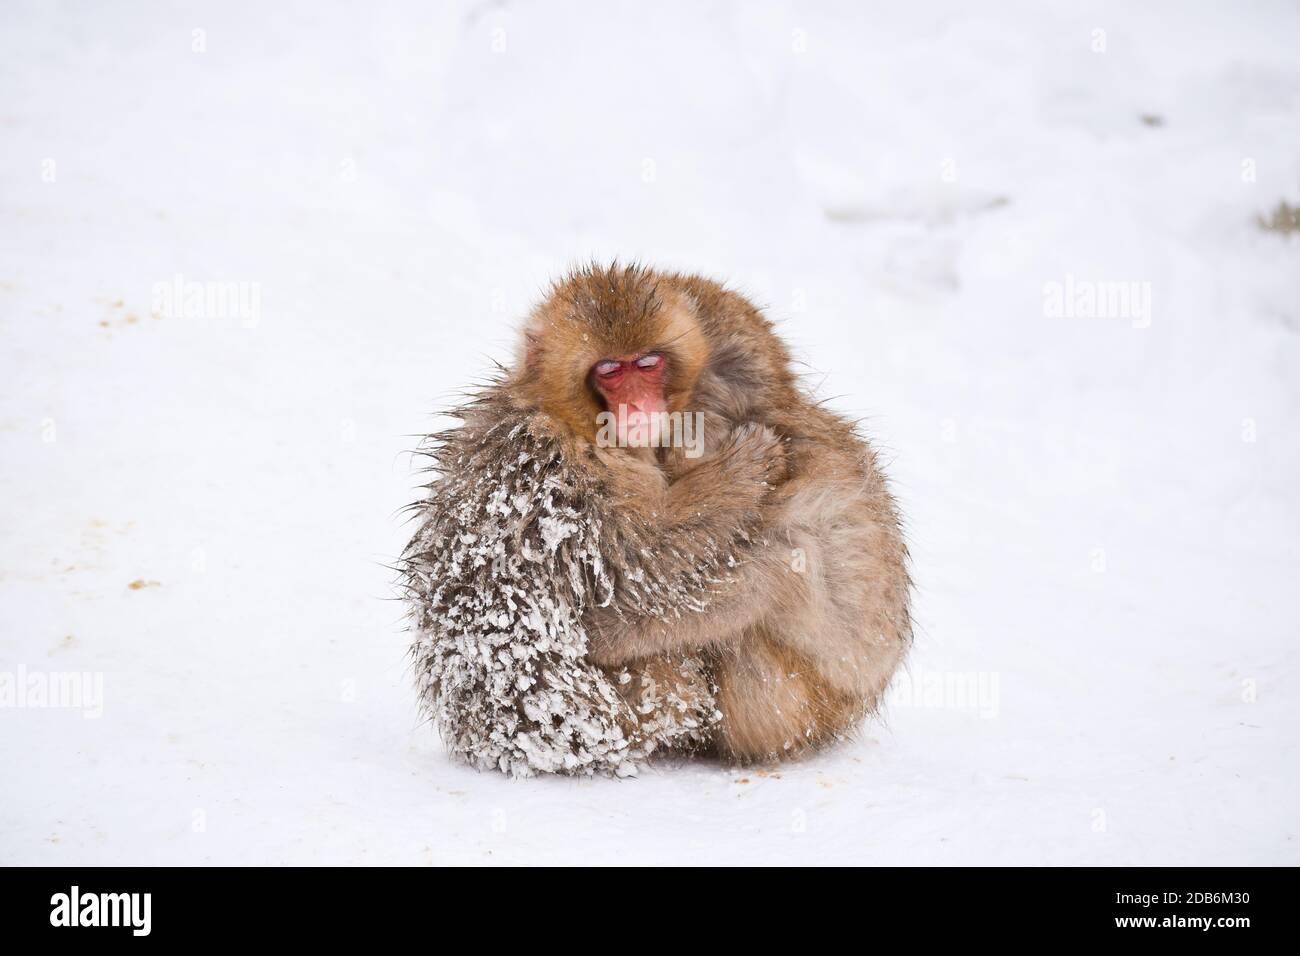 deux petits singes à neige bruns s'embrassant et se rangeant les uns les autres de la neige froide avec de la glace dans leur fourrure en hiver. Animaux sauvages montrant l'amour Banque D'Images